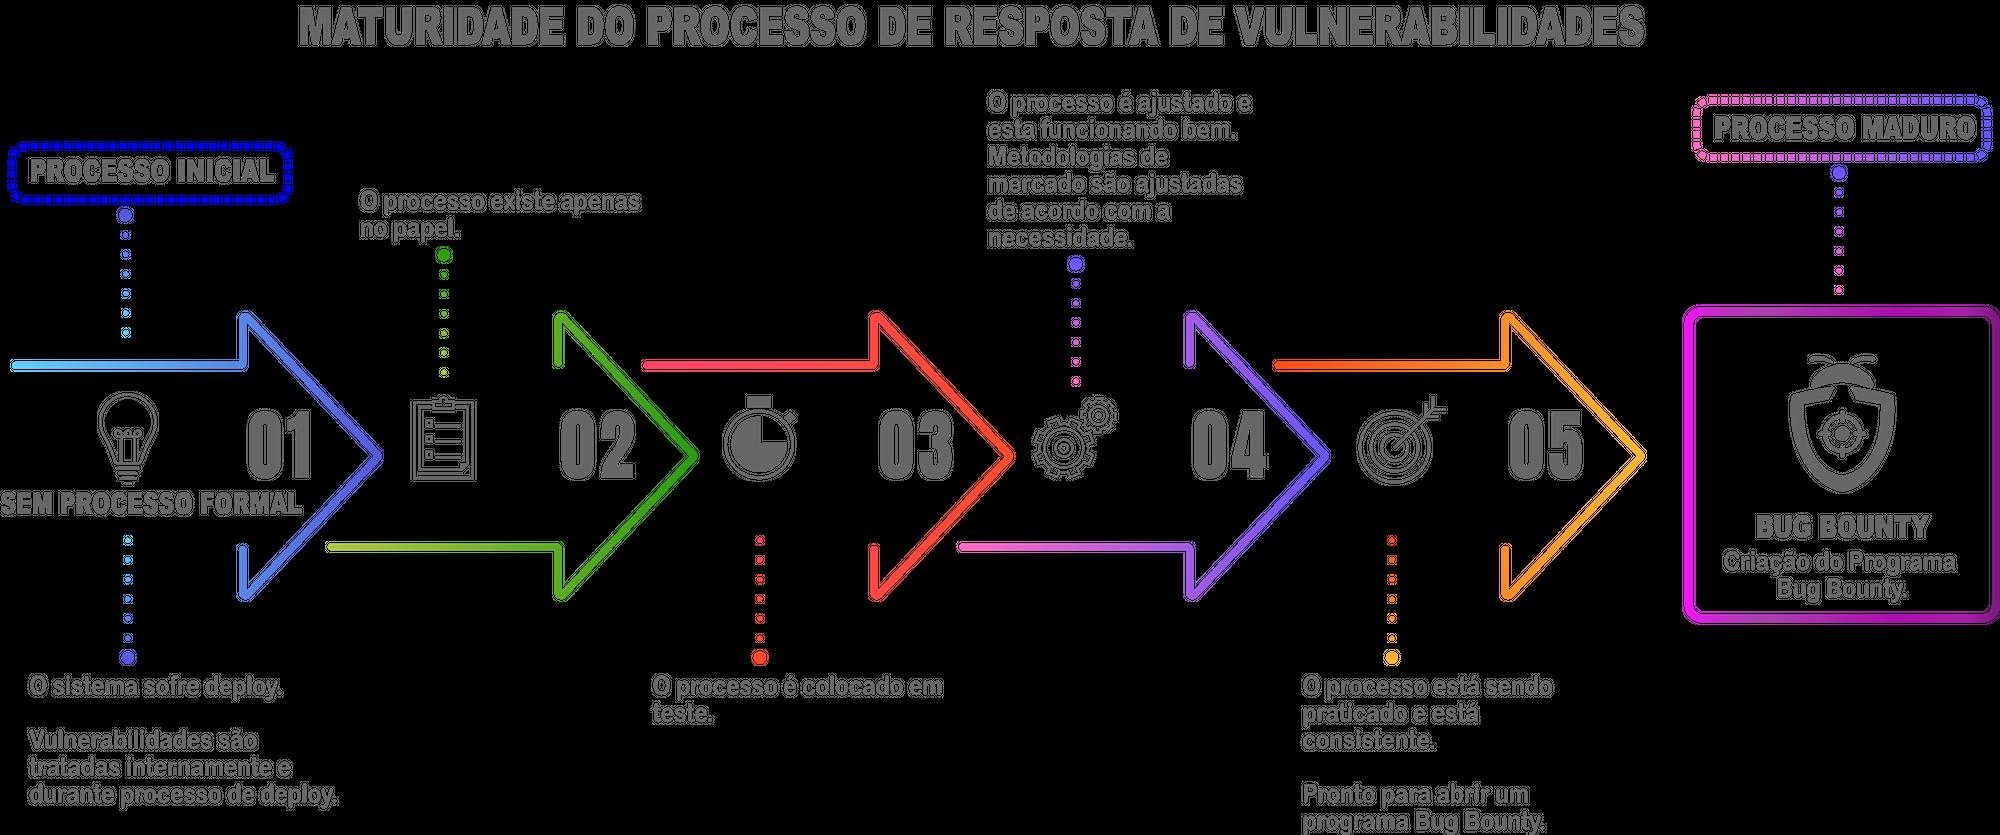 Maturidade do Processo de Resposta de Vulnerabilidades